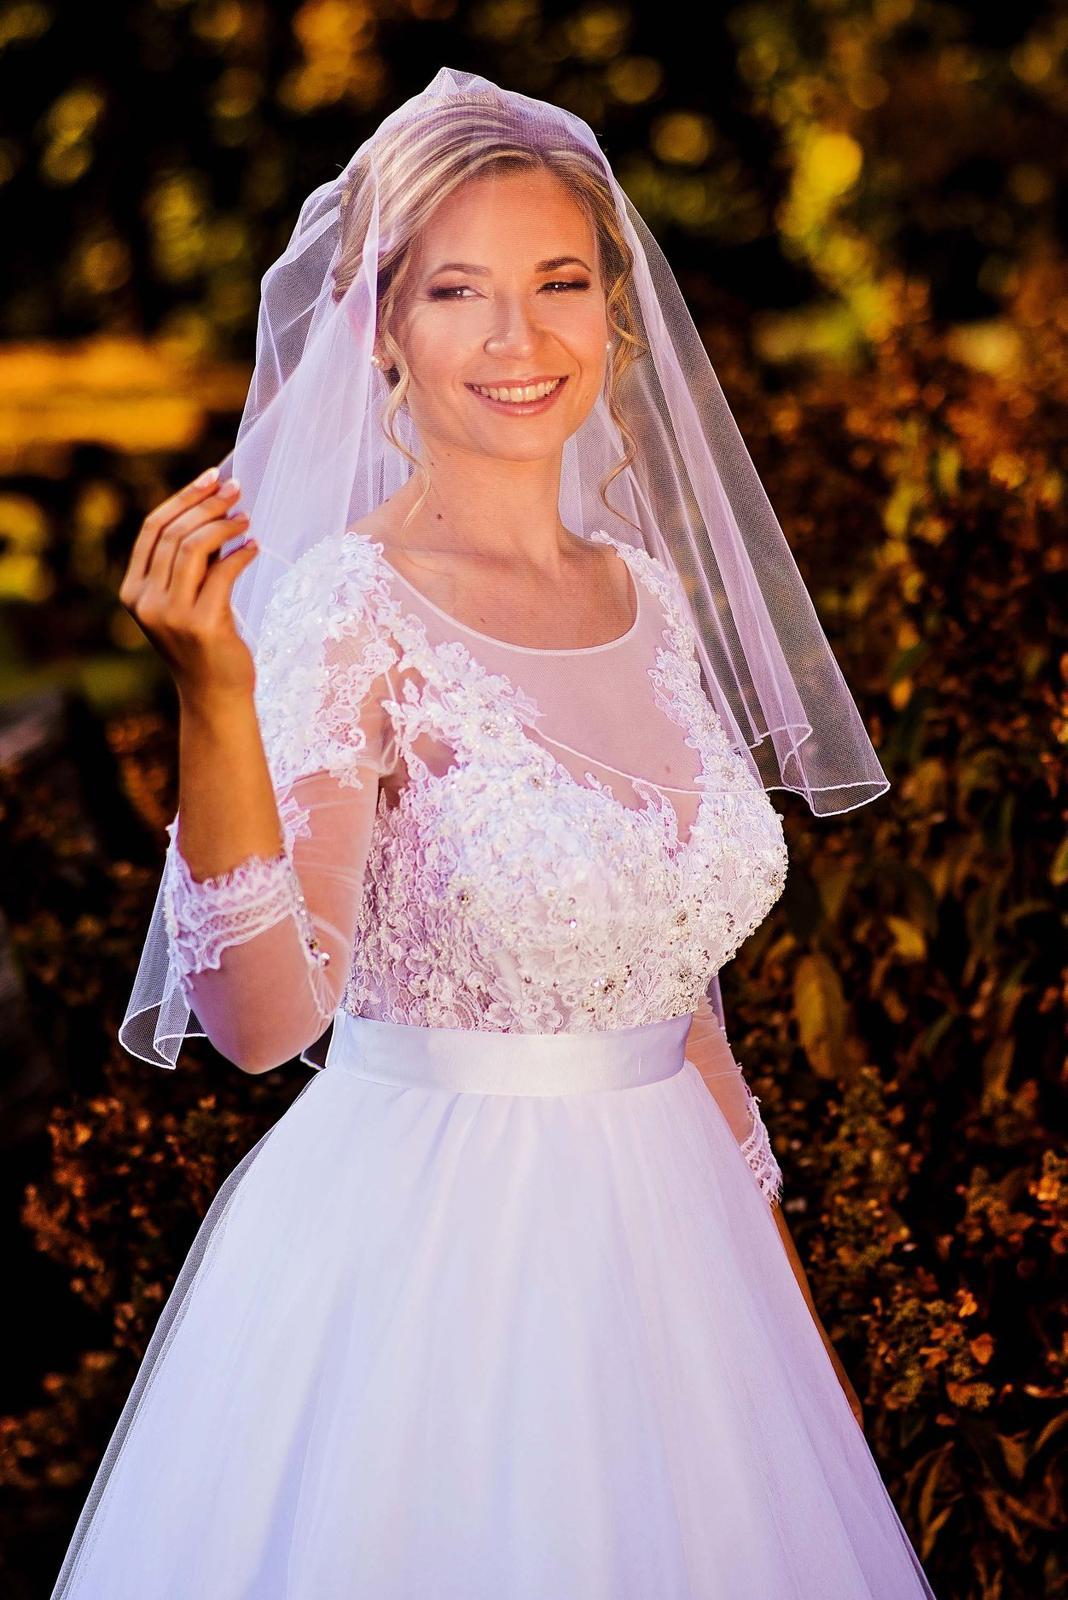 Moje svadobné fotografie - Obrázok č. 5